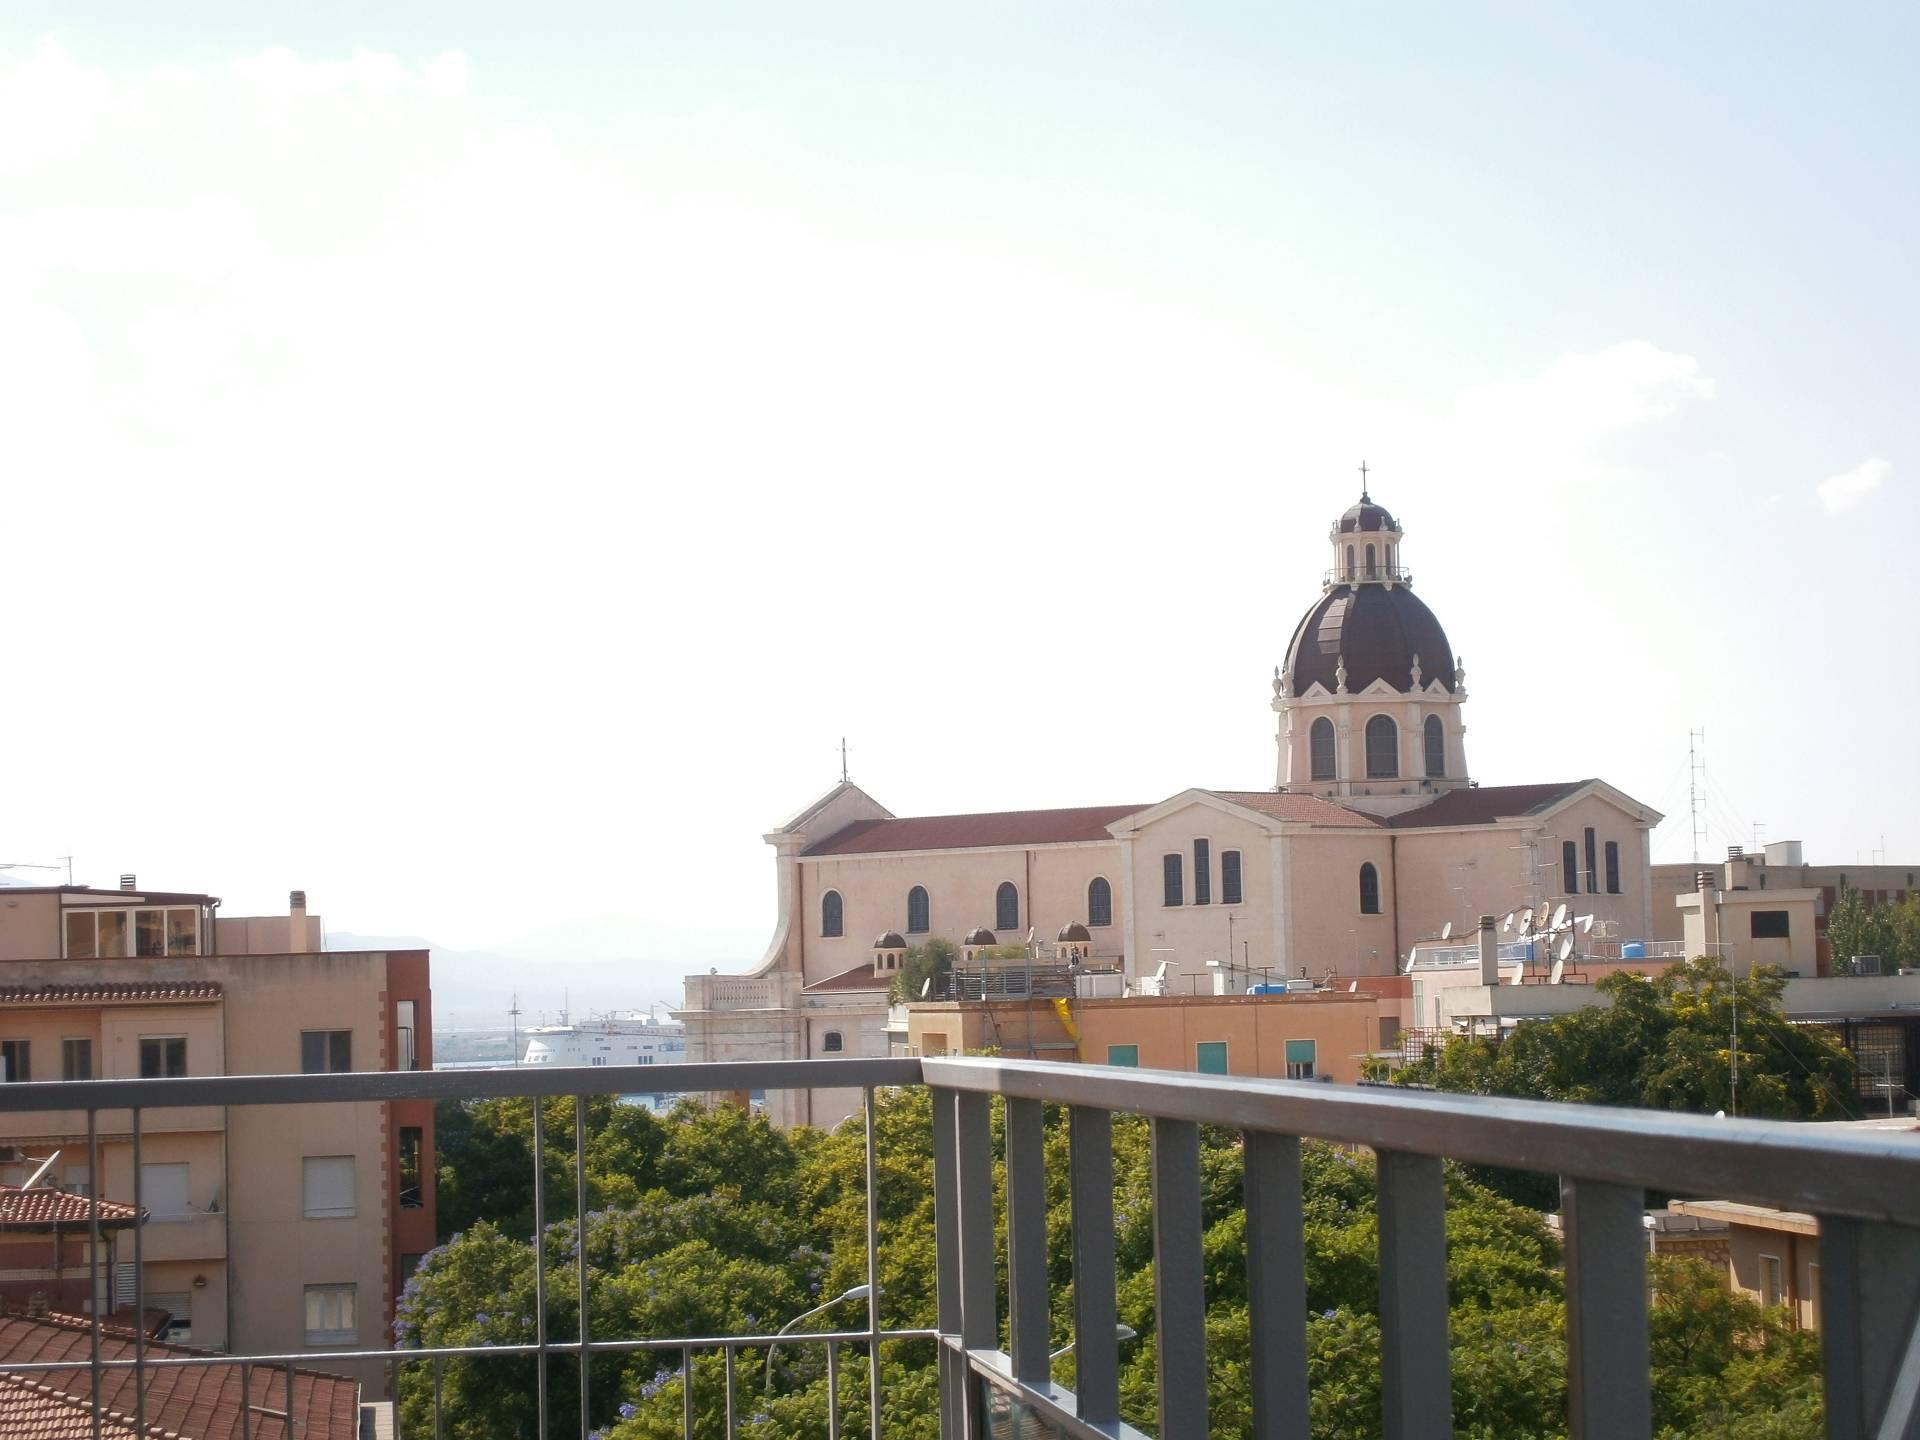 Appartamento in affitto a Cagliari, 4 locali, zona Zona: Bonaria, prezzo € 950 | Cambio Casa.it